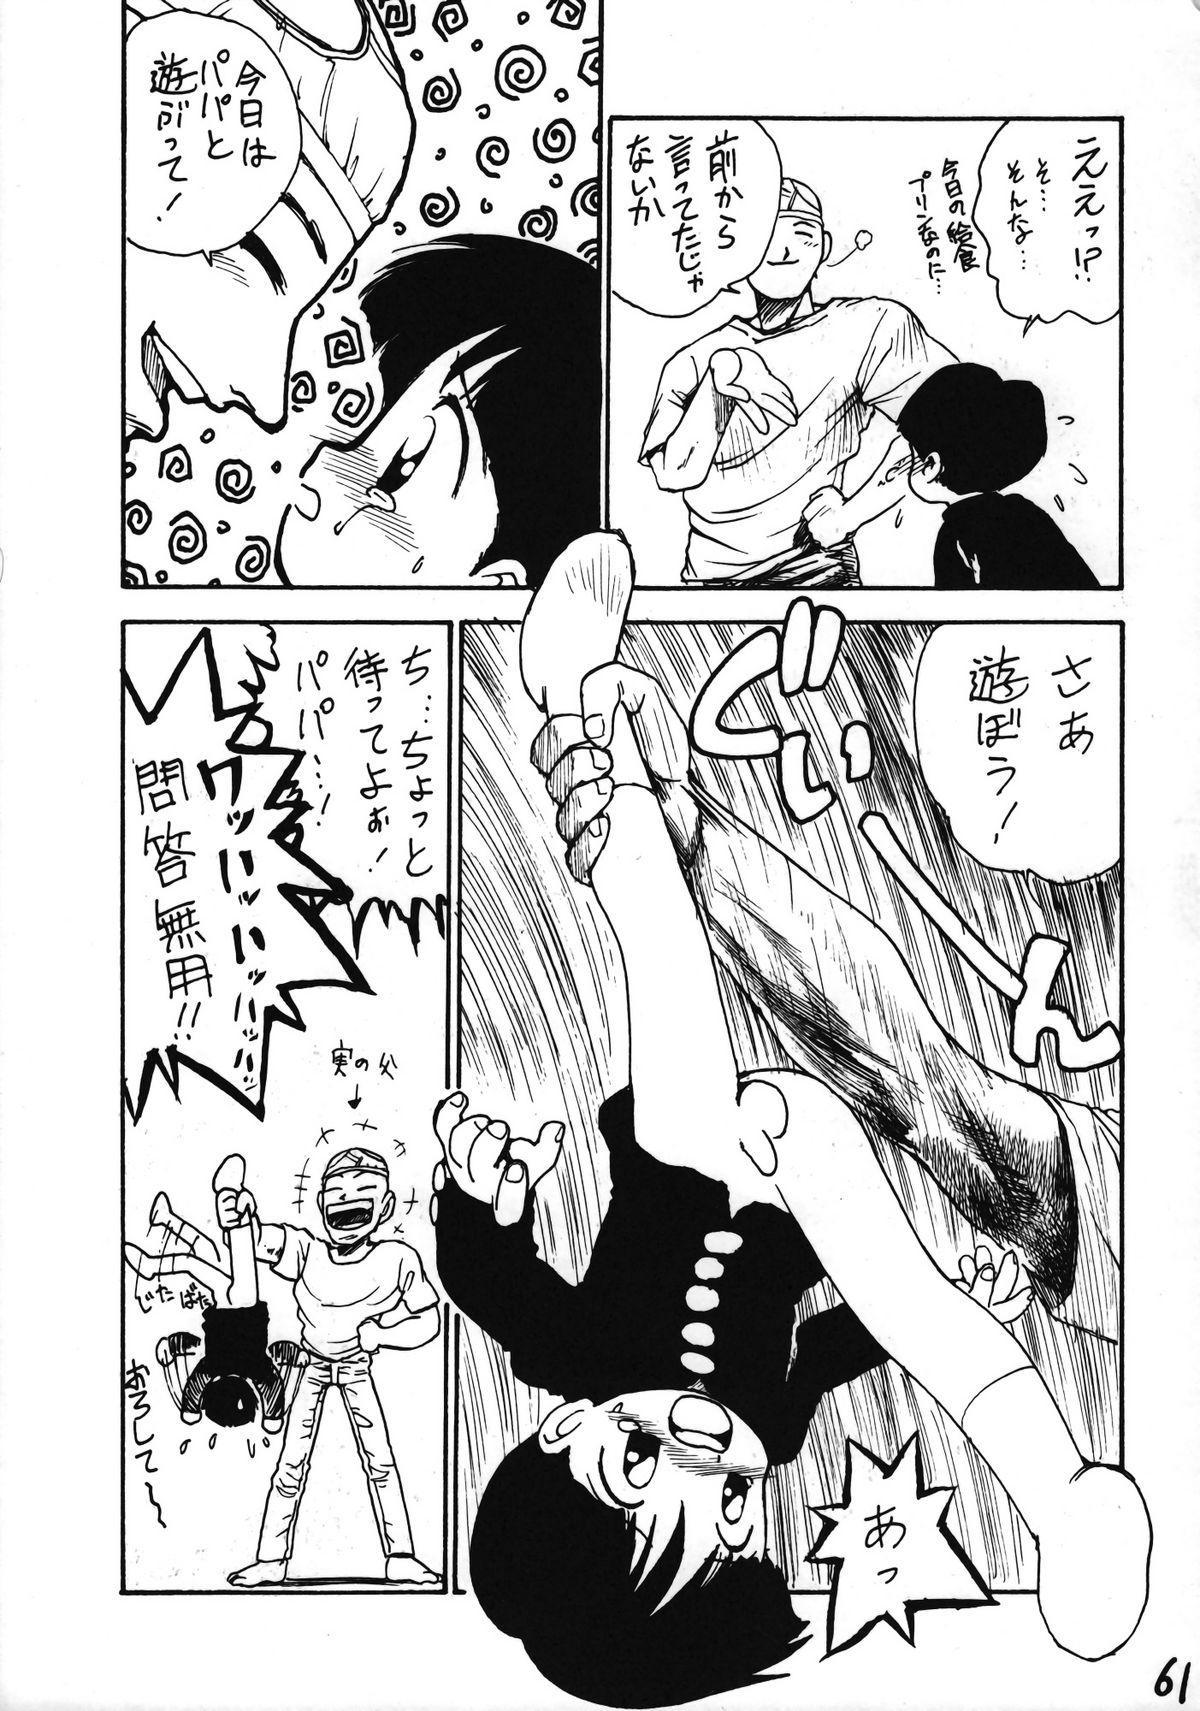 Ikenai! Otokonoko Hon Boy's H Book 2 61